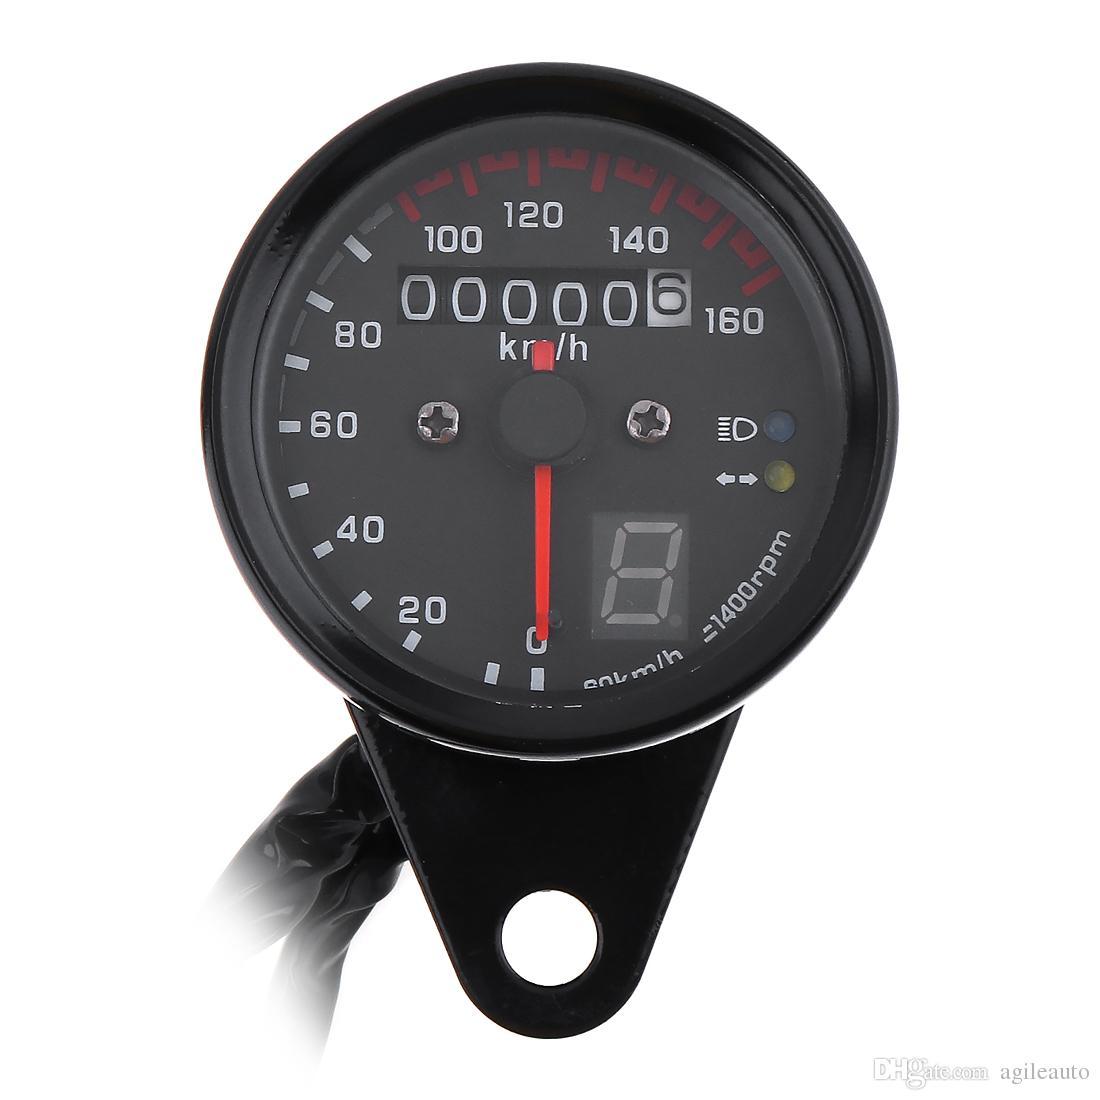 ¡Nueva llegada! Reajuste la luz de fondo del LED con la exhibición del engranaje Tabla del odómetro del kilómetro para la motocicleta 12V 0 ~ 160km / h MOT_109